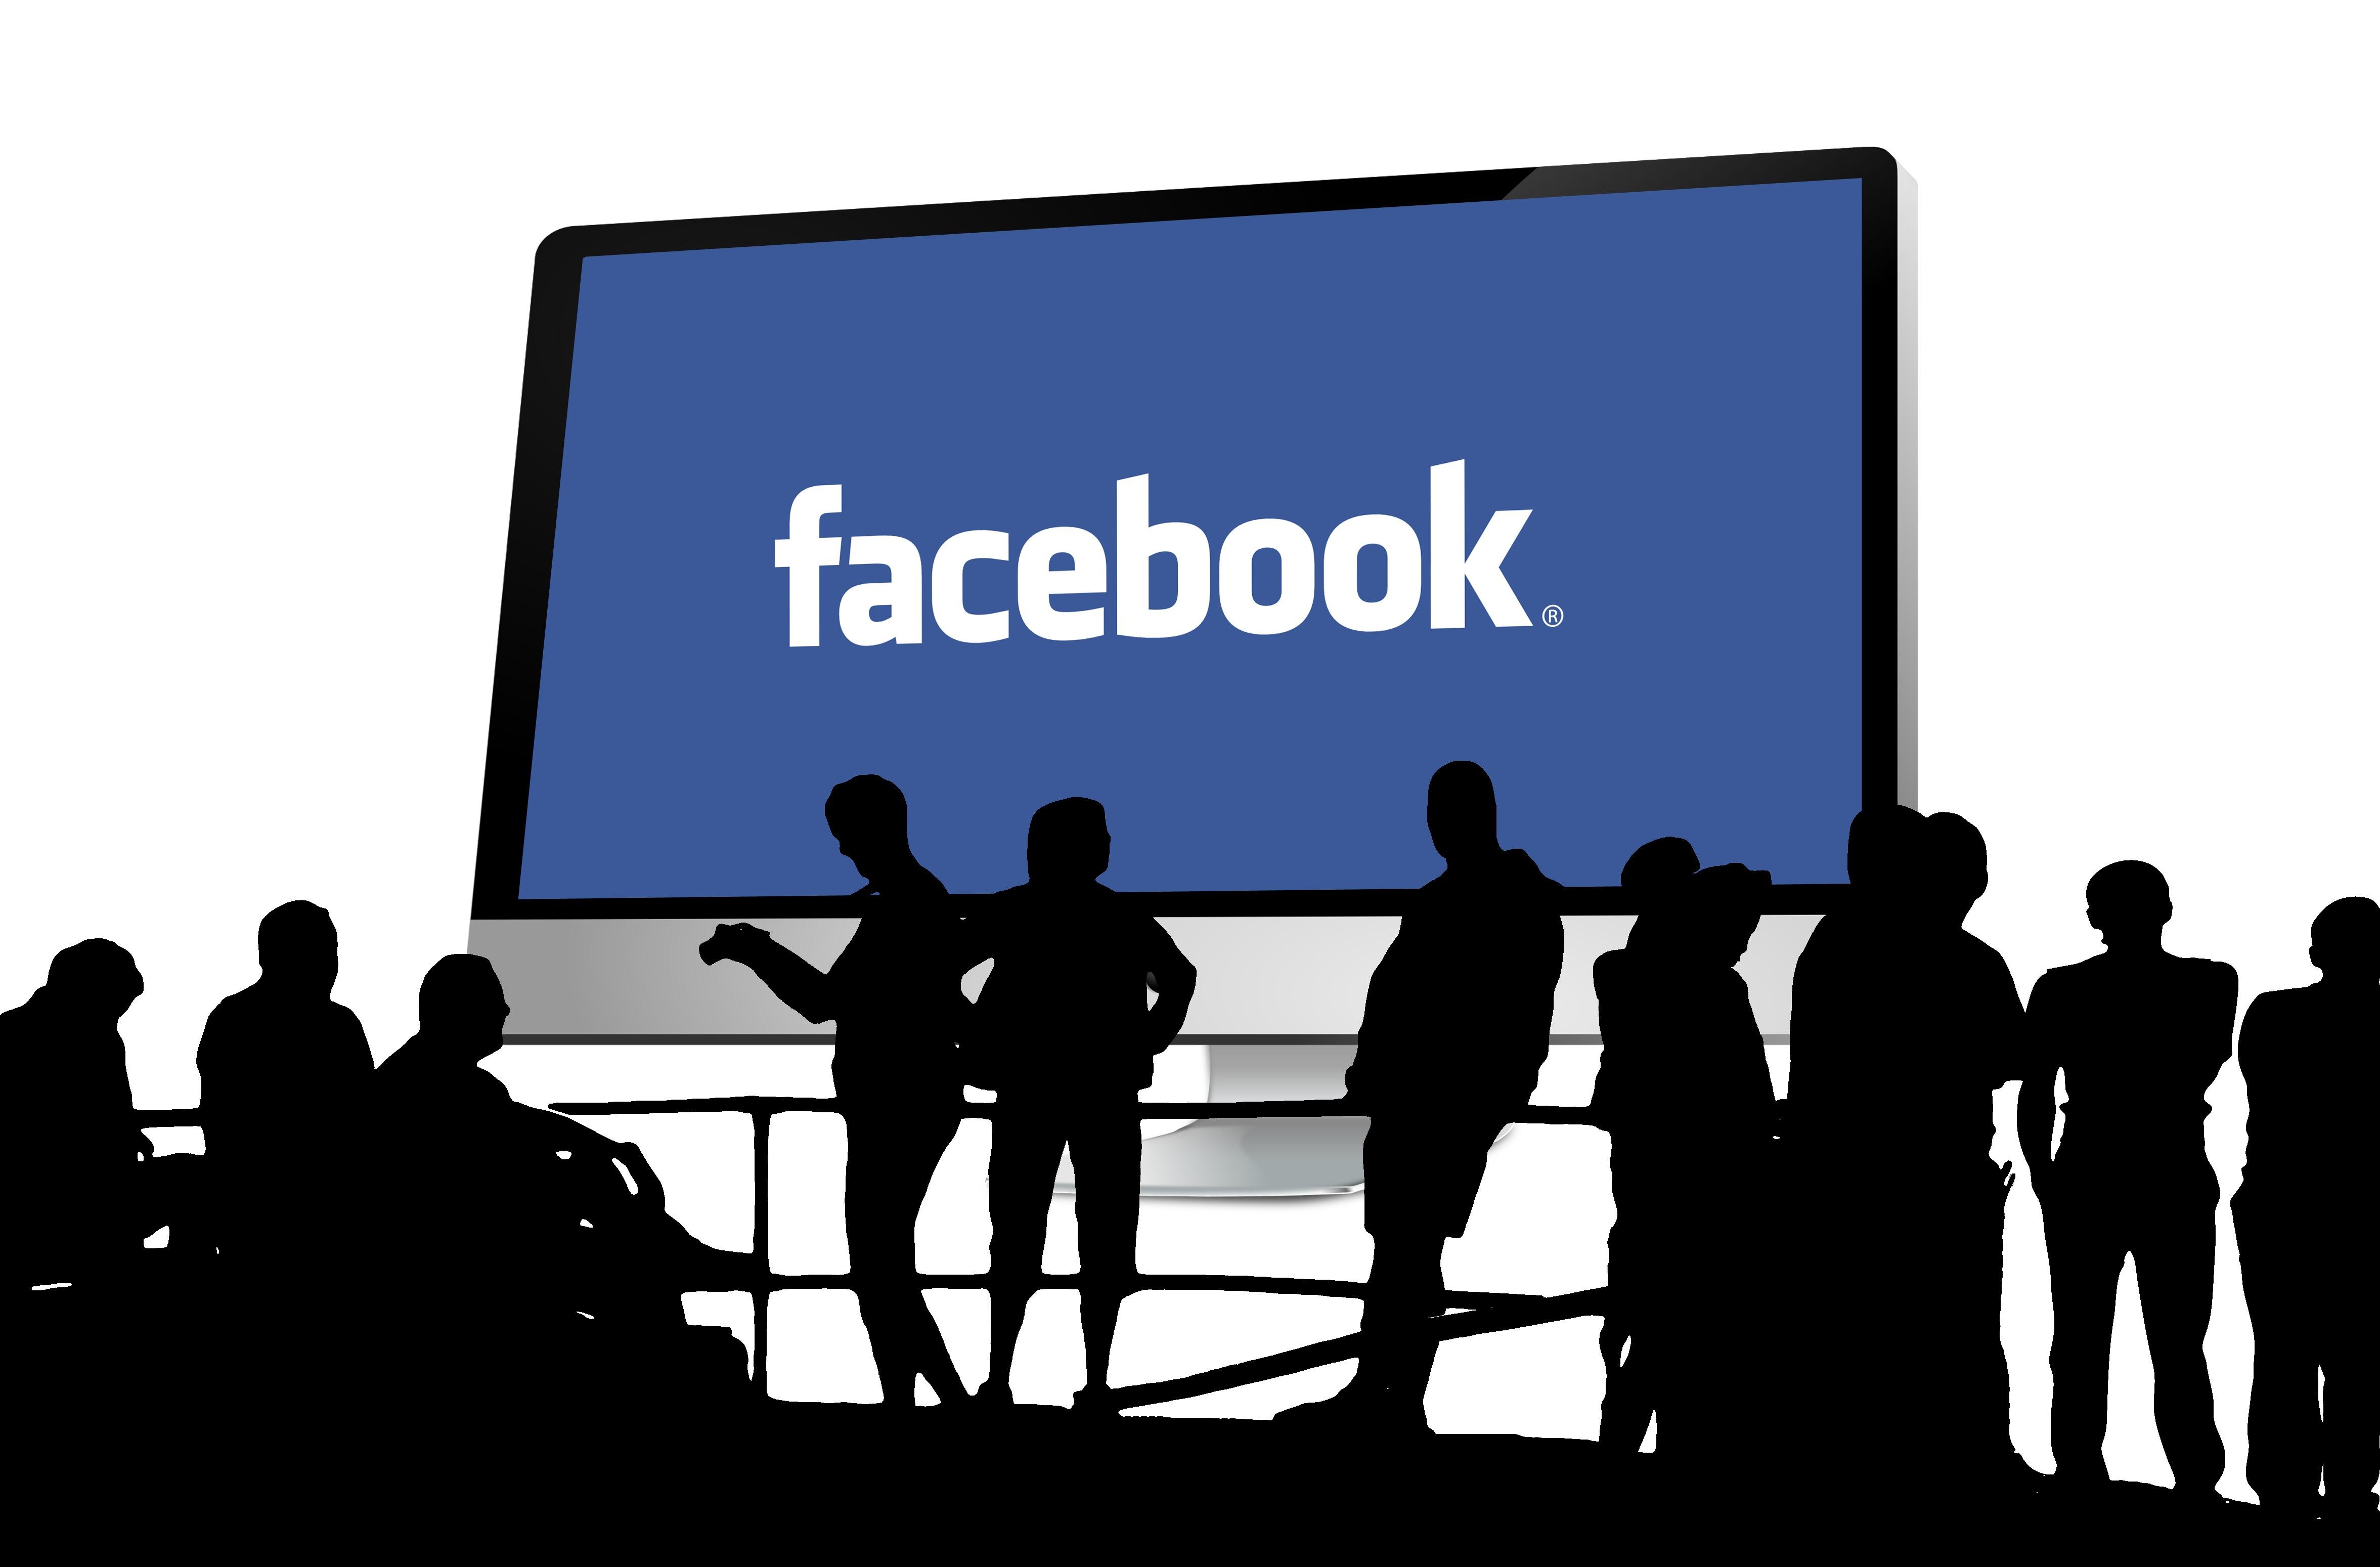 Иллюстрация на тему Как сделать ссылку на Фейсбук на свою страницу: профиль аккаунта